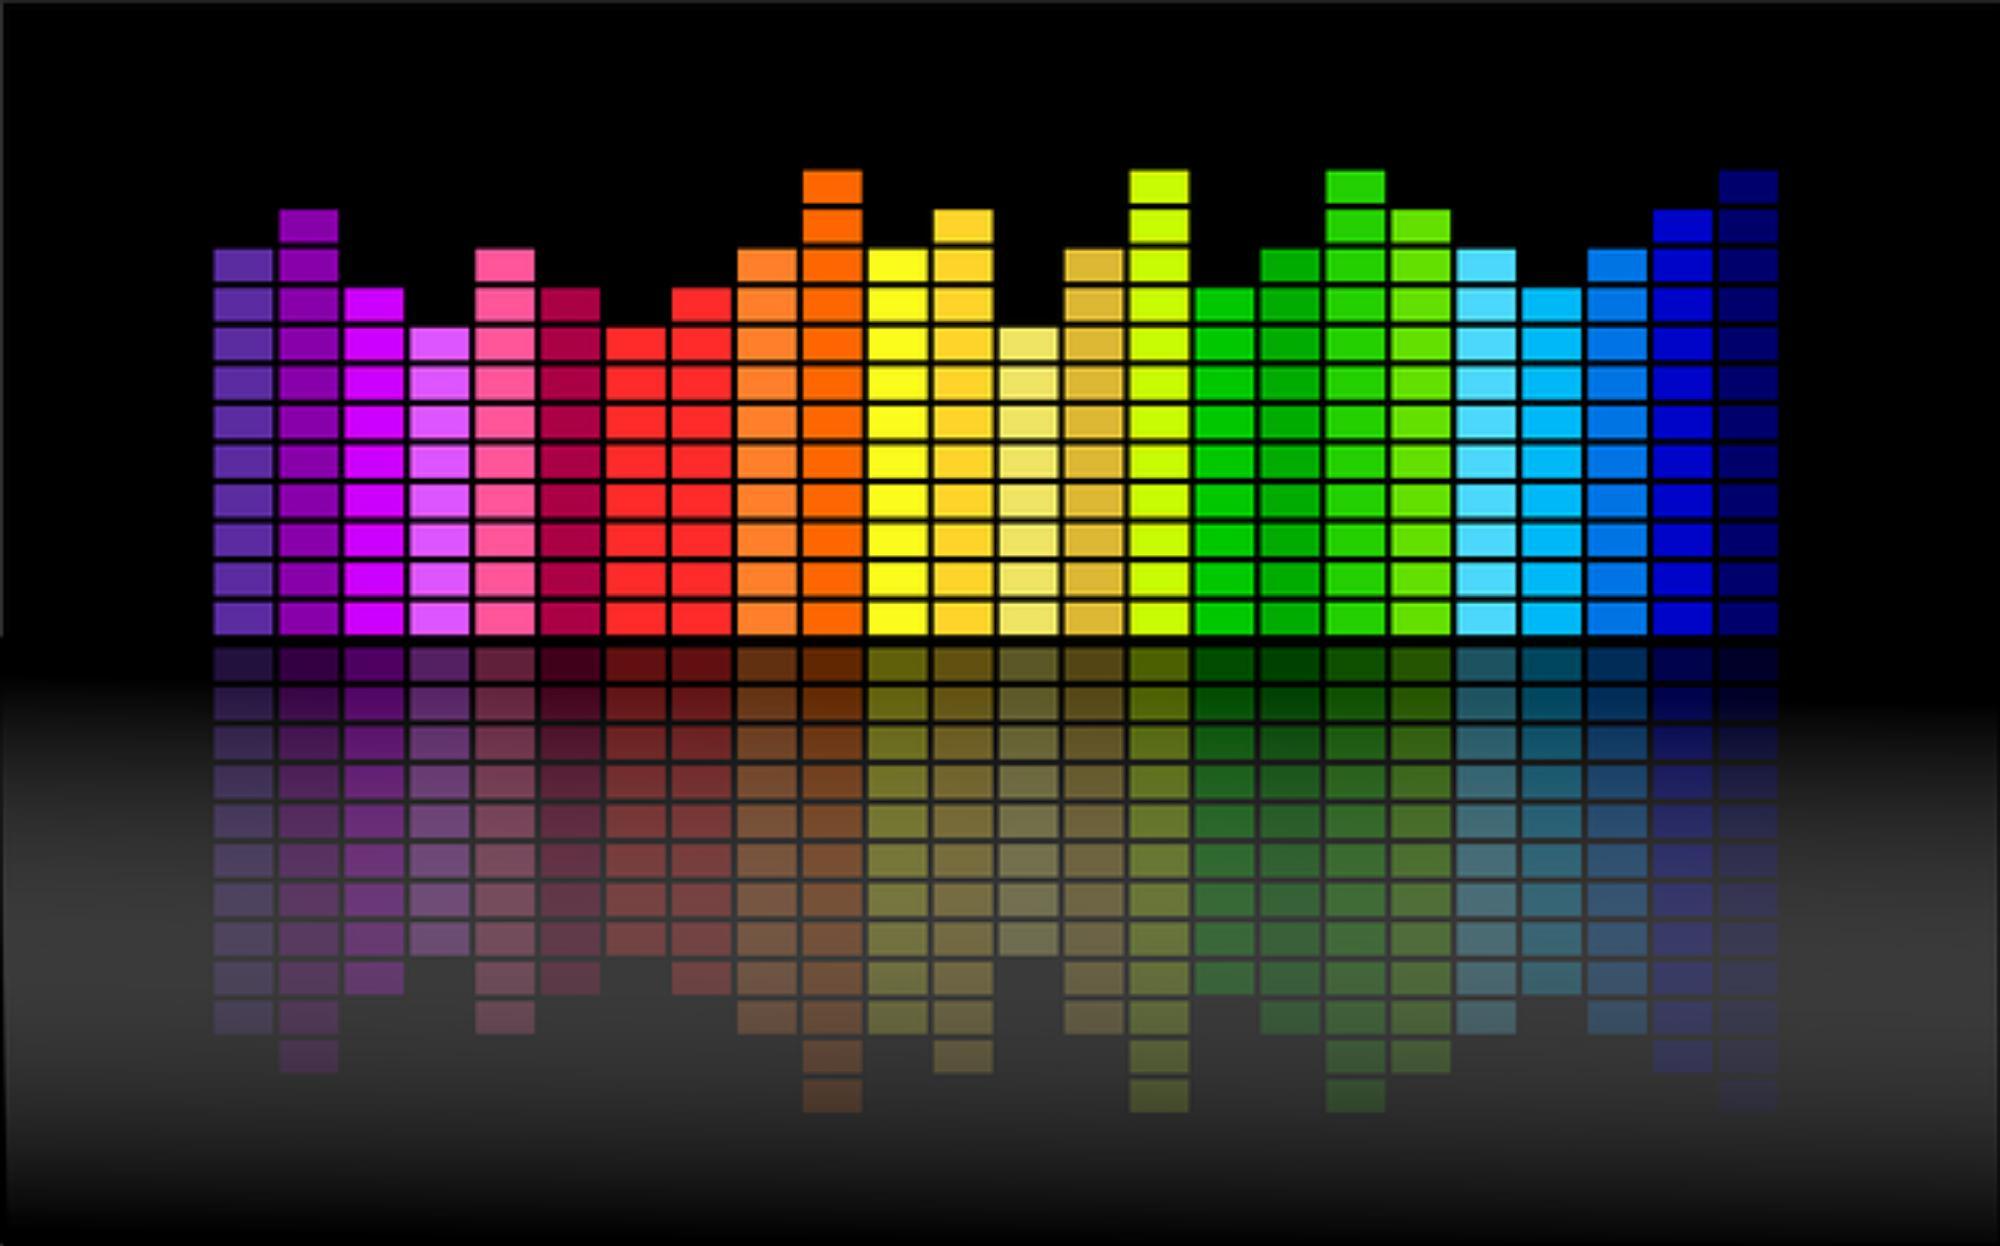 W jaki sposób muzyka może wpłynąć na trading?